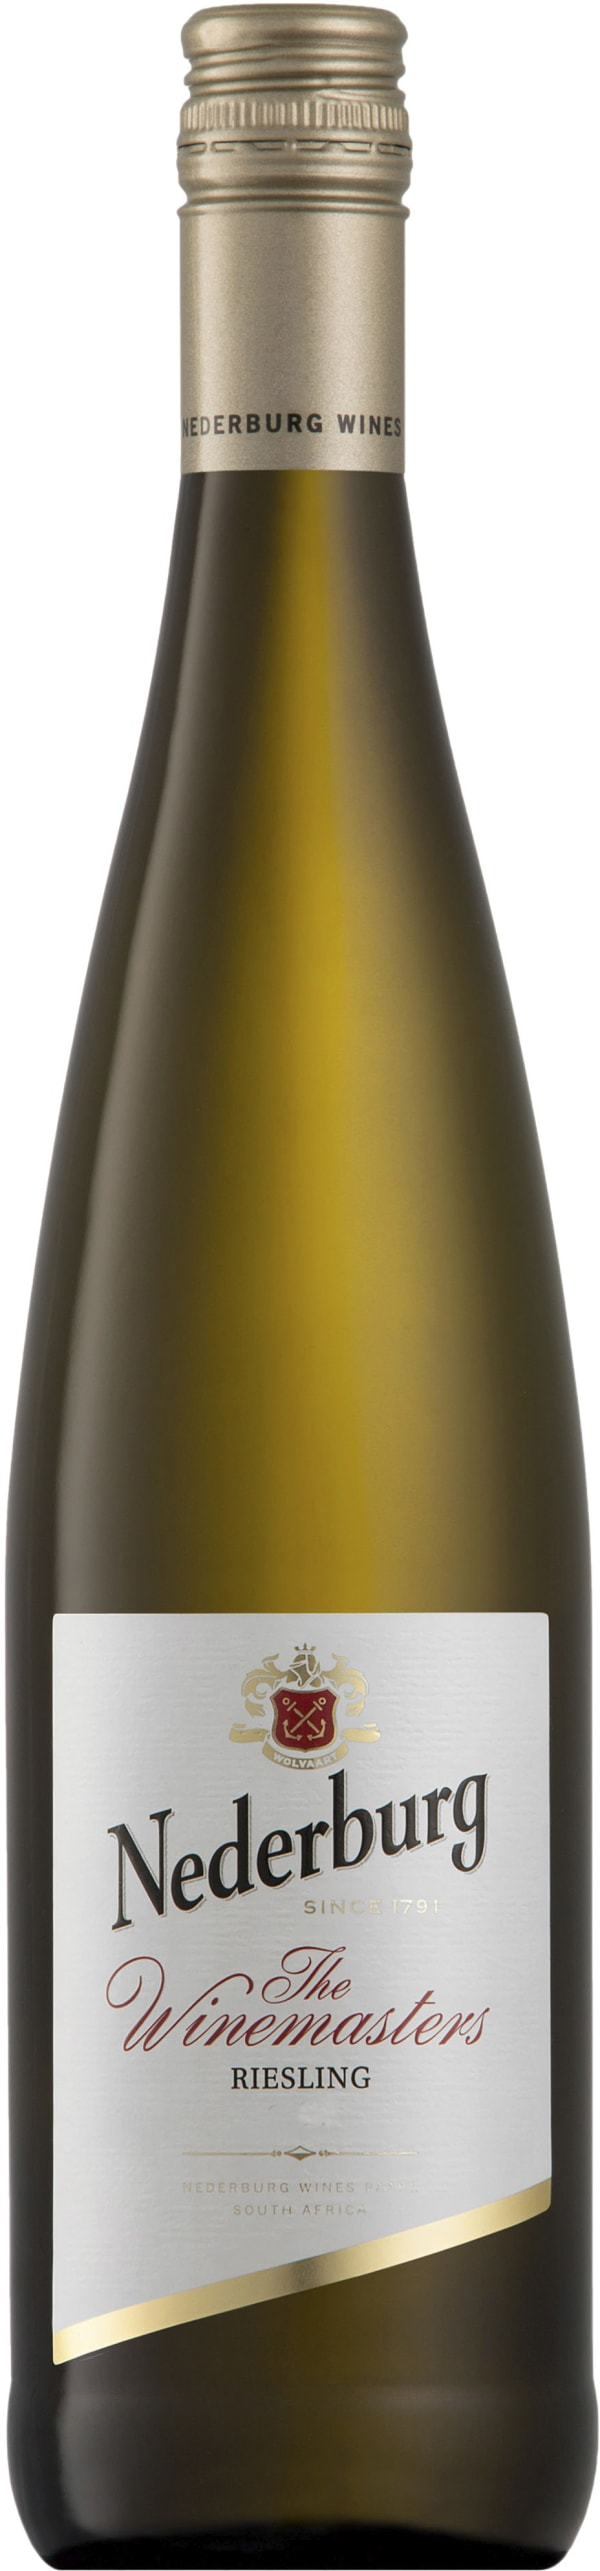 Nederburg Winemasters Riesling 2017